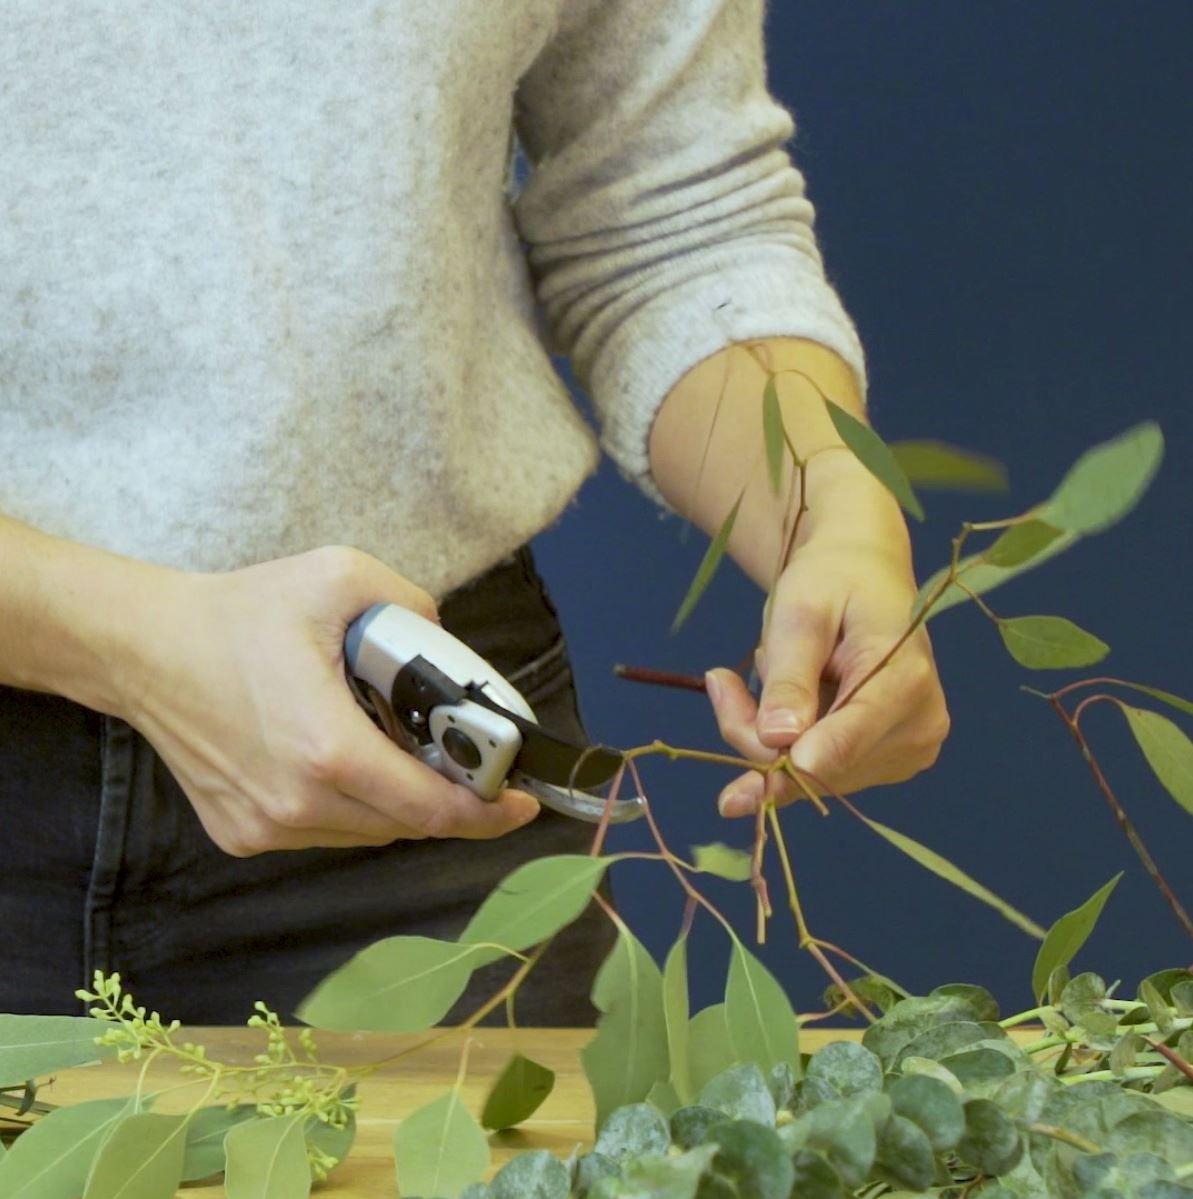 DIY groene tafelloper. Stap 2: Knip de takken